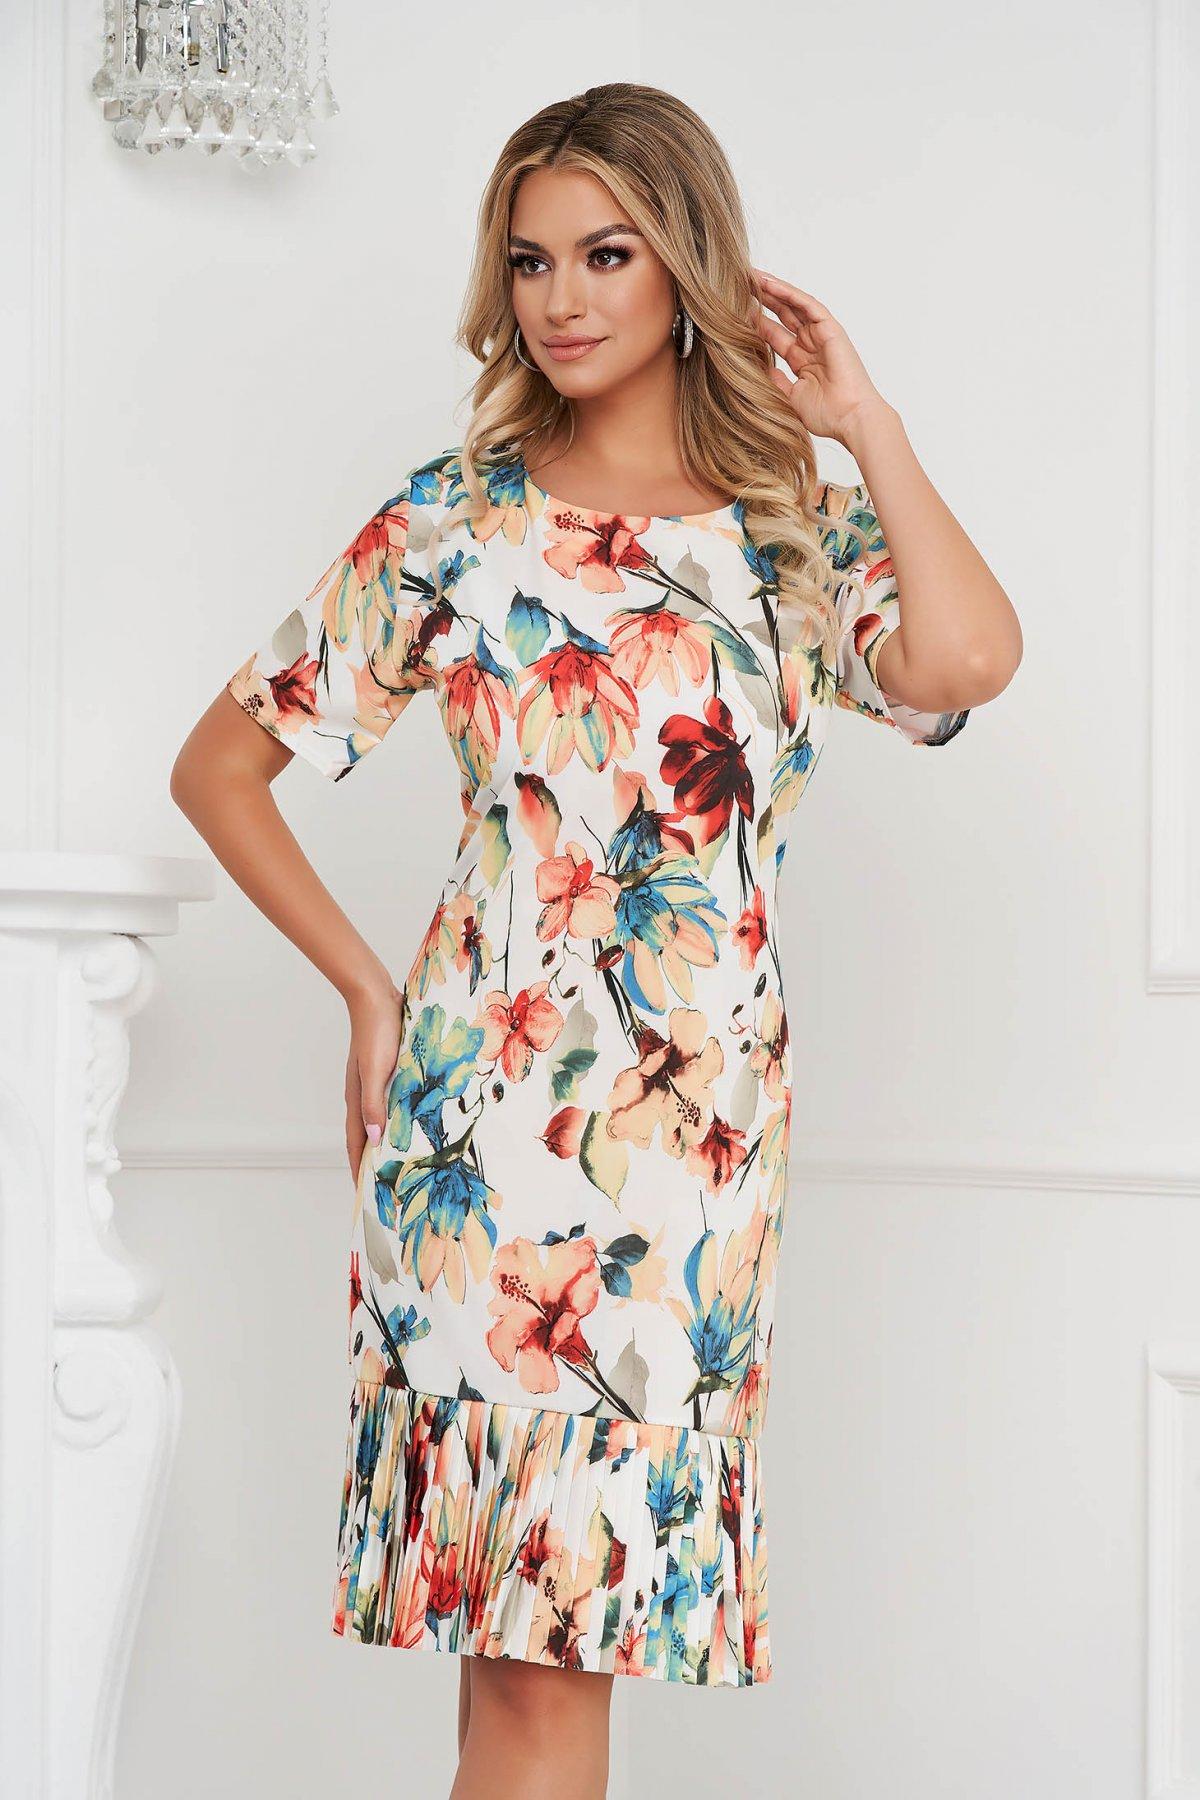 Rochie cu imprimeu floral cu un croi drept cu pliuri de material - medelin.ro